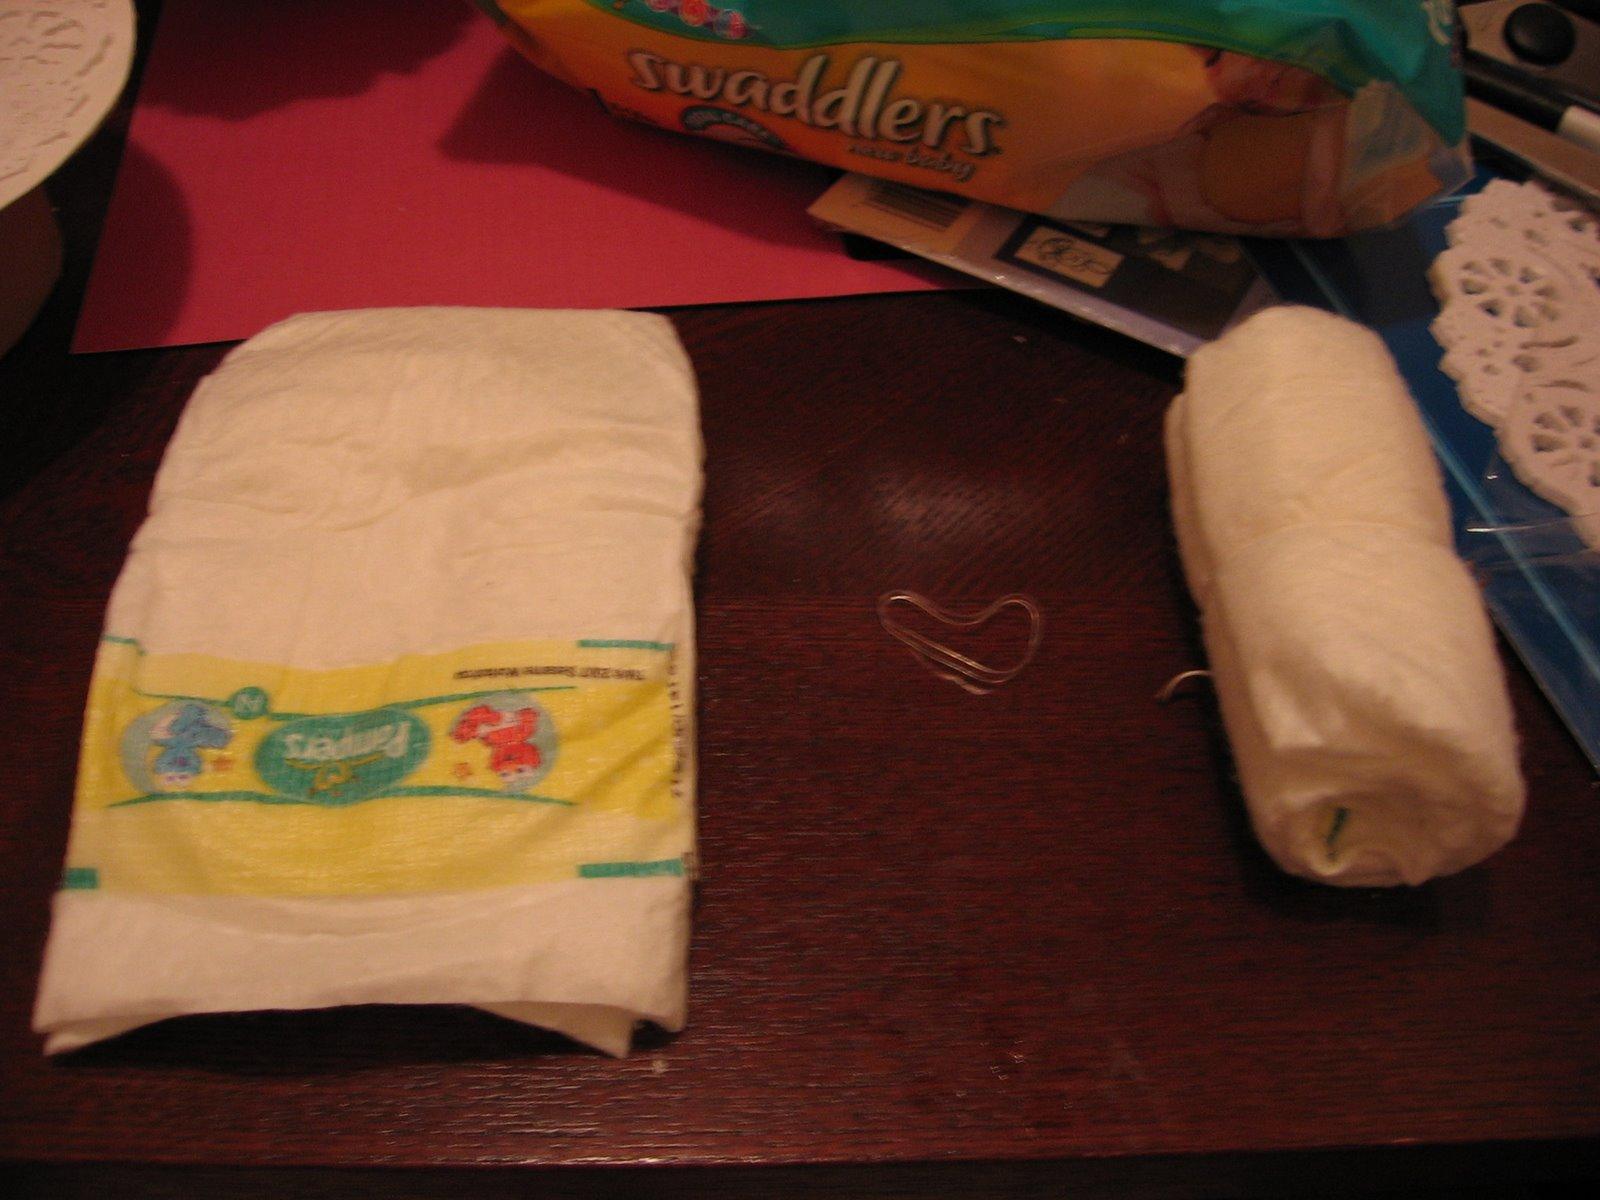 http://3.bp.blogspot.com/_xCsa03jgeNM/TQjcQIJWlhI/AAAAAAAAAW0/ncoLAbSJGZY/s1600/diaper+cakes+idea.JPG